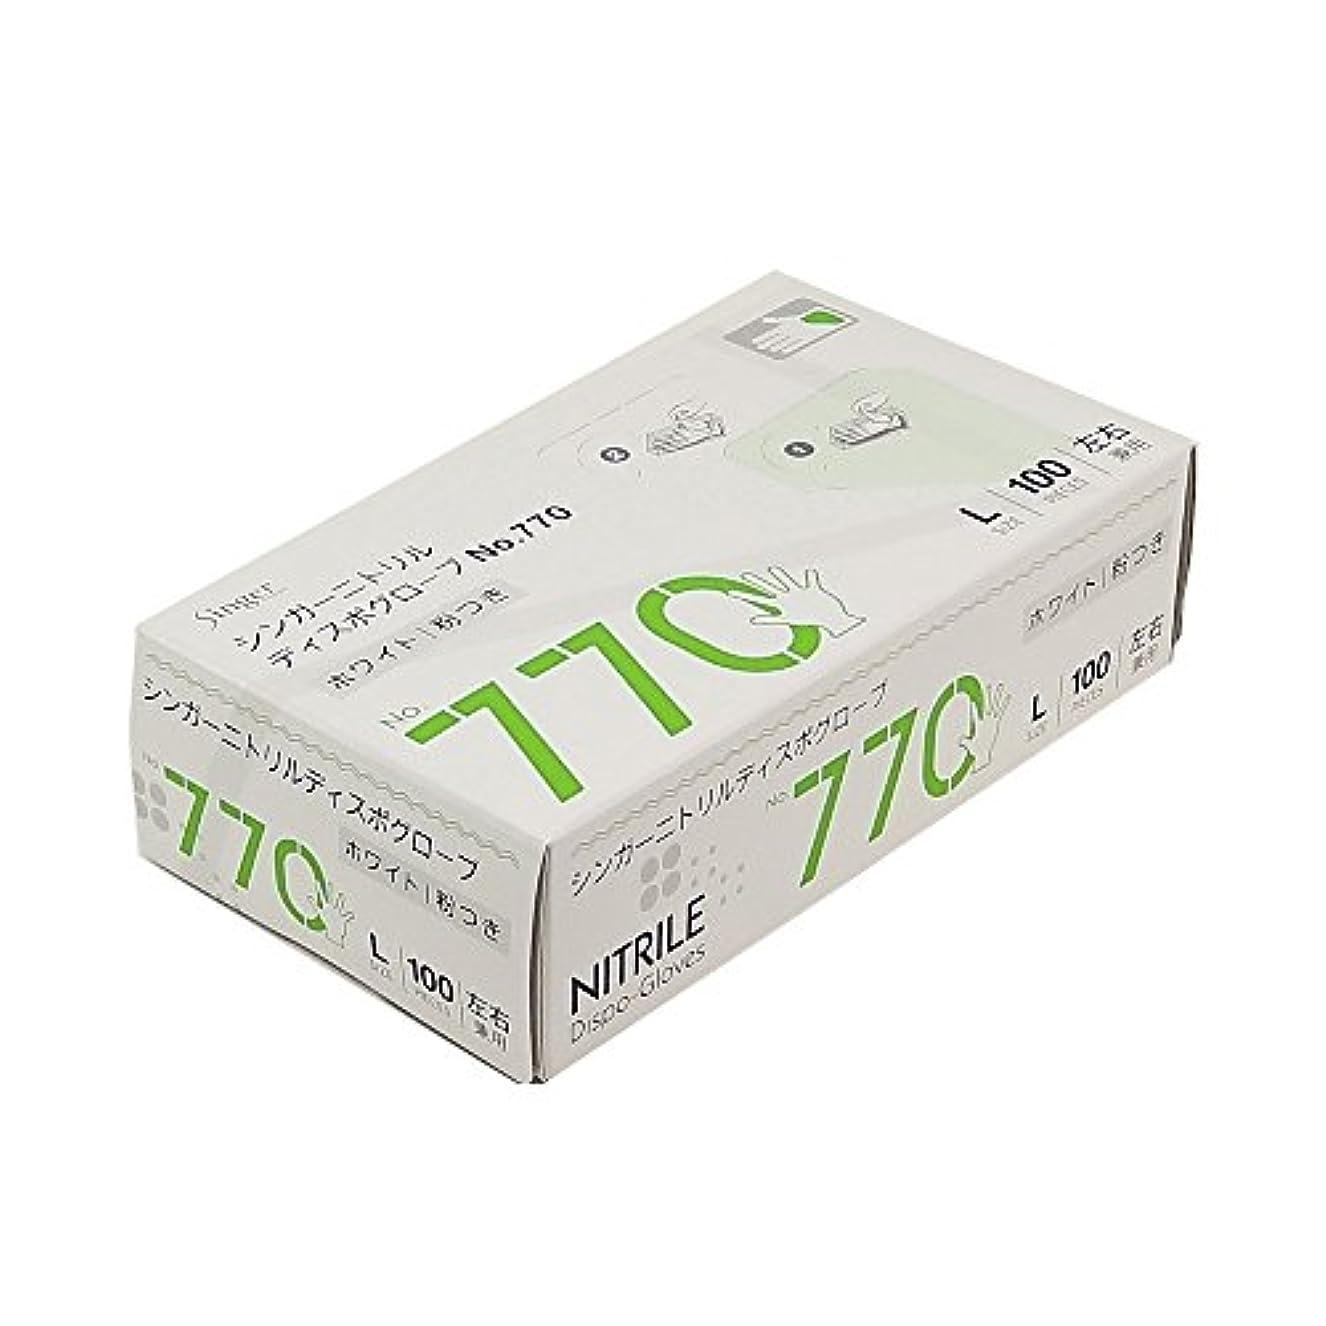 致命的属性刈る宇都宮製作 ディスポ手袋 シンガーニトリルディスポグローブ No.770 ホワイト 粉付 100枚入  L